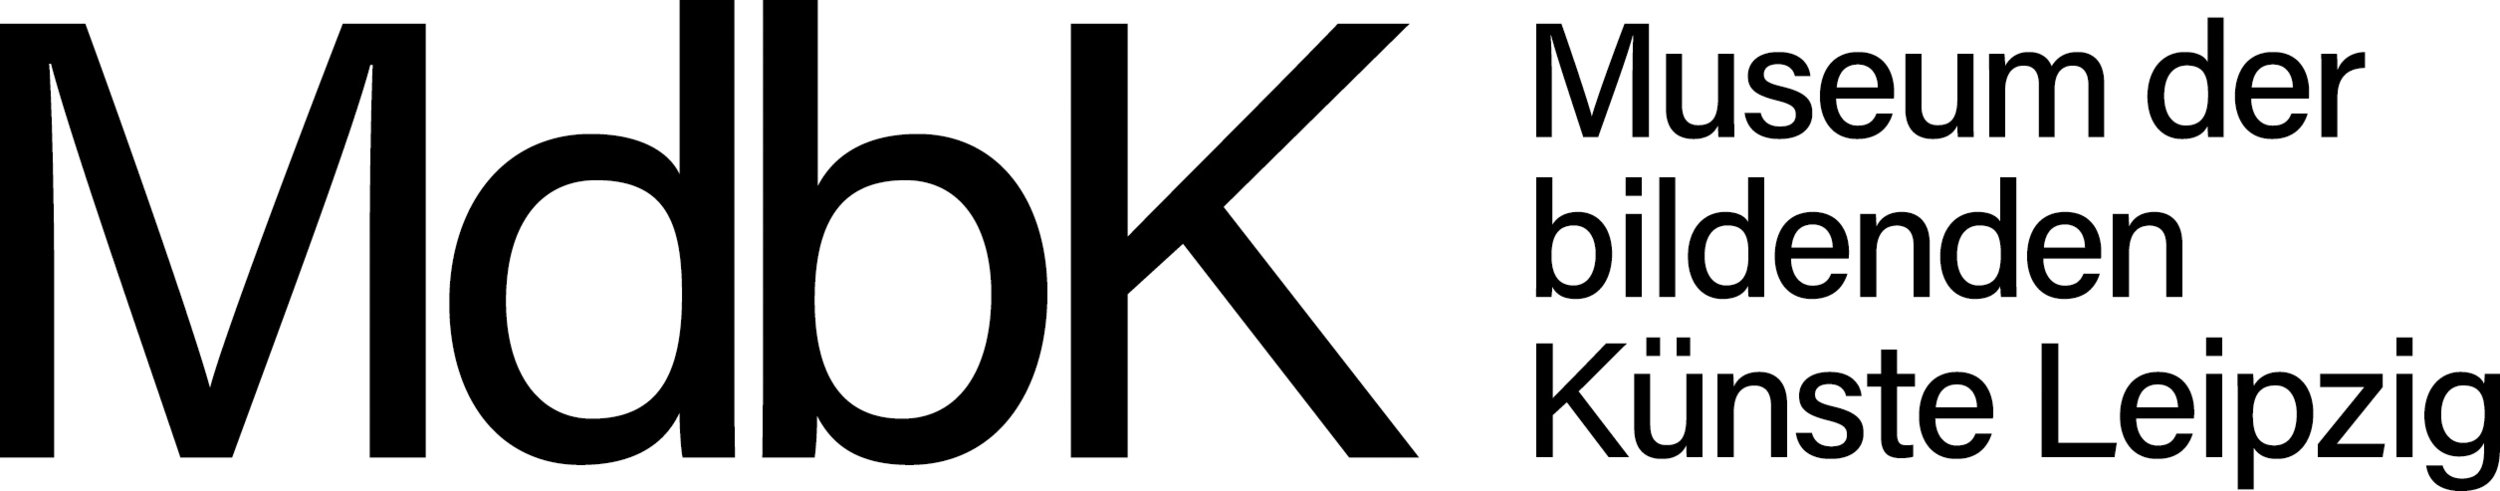 MdbK_Logo_Extended_Screen_Black_L.jpg